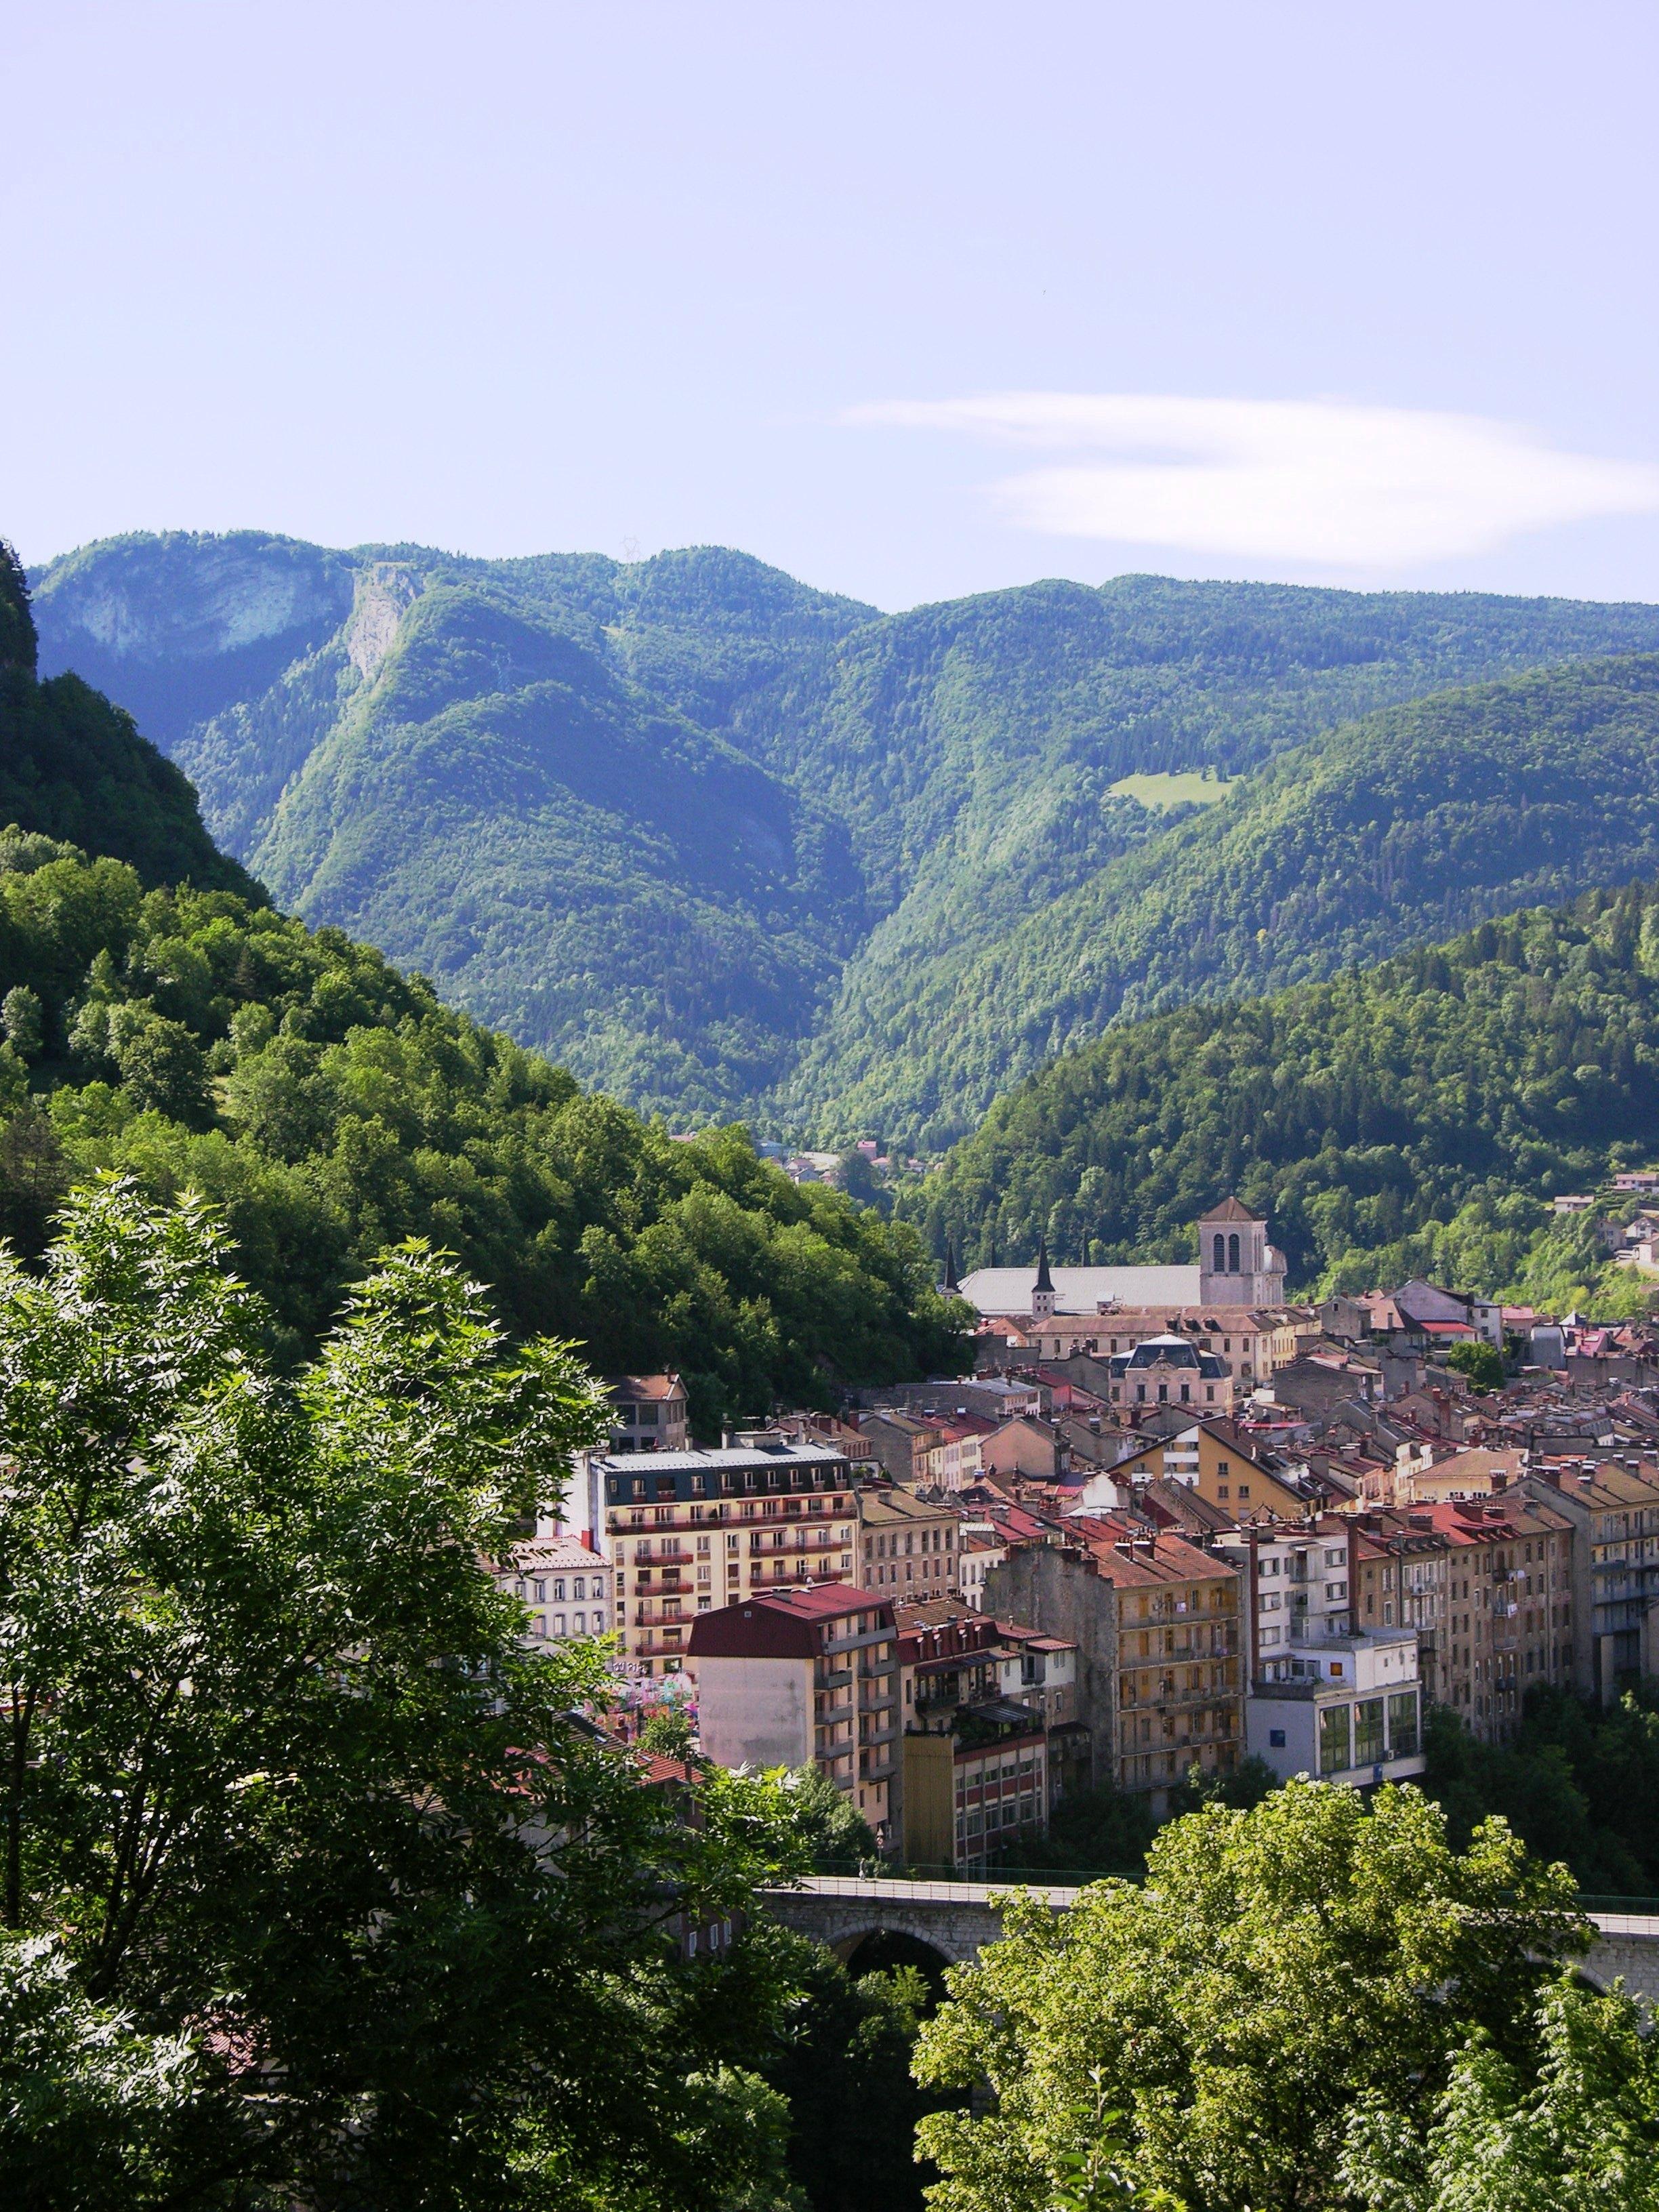 En bref saint la ville grandeur nature for La ville nature